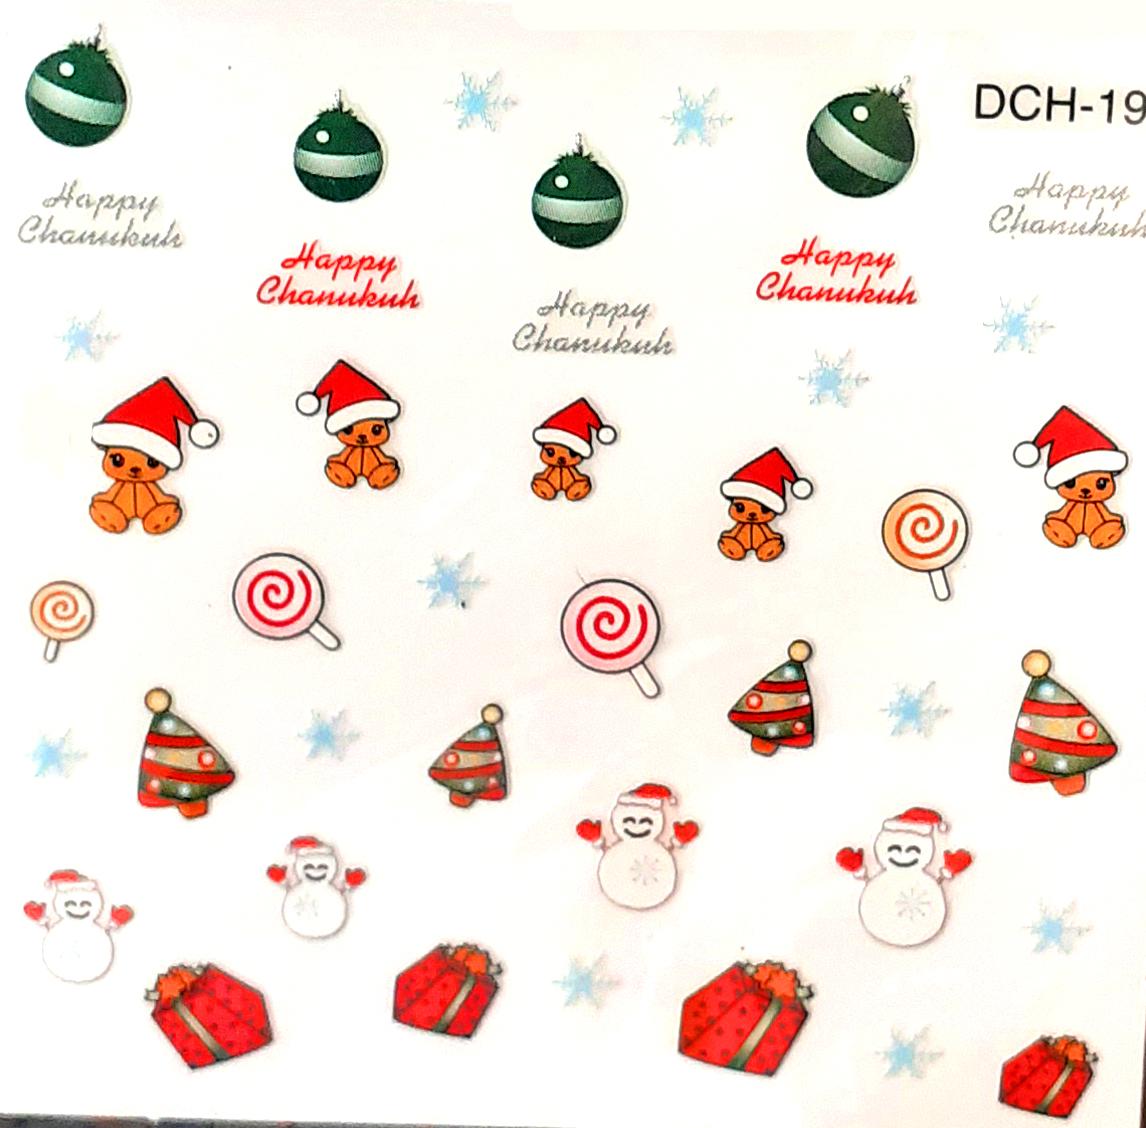 Sticker Weihnachten DCH-19 selbstklebend